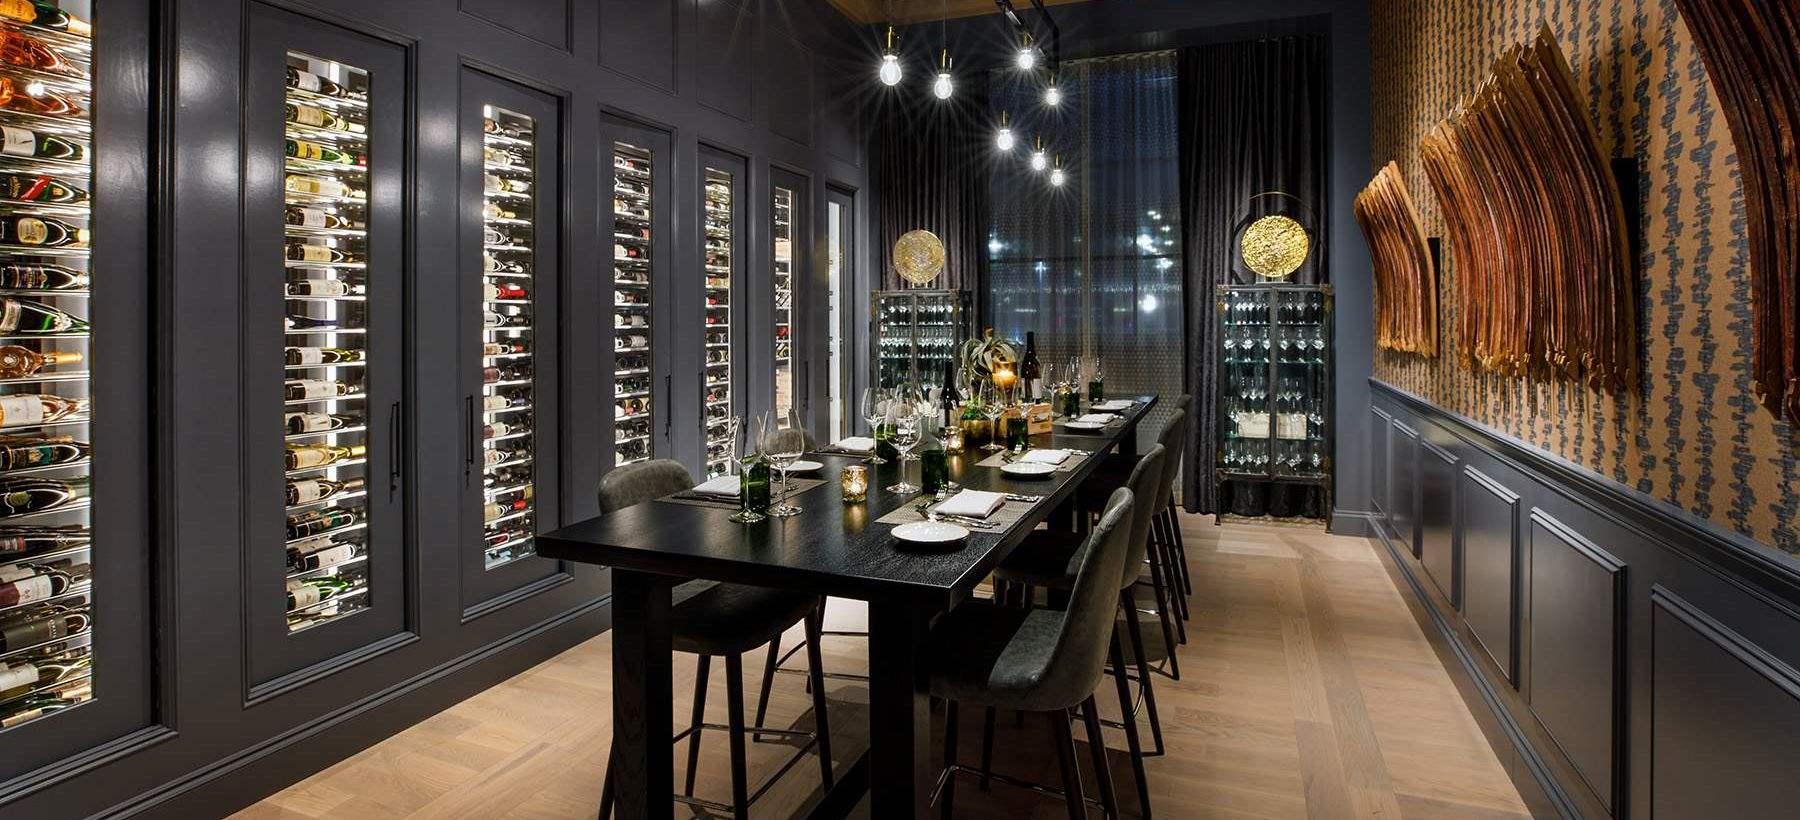 Bacchus Kitchen + Bar at Grapevine